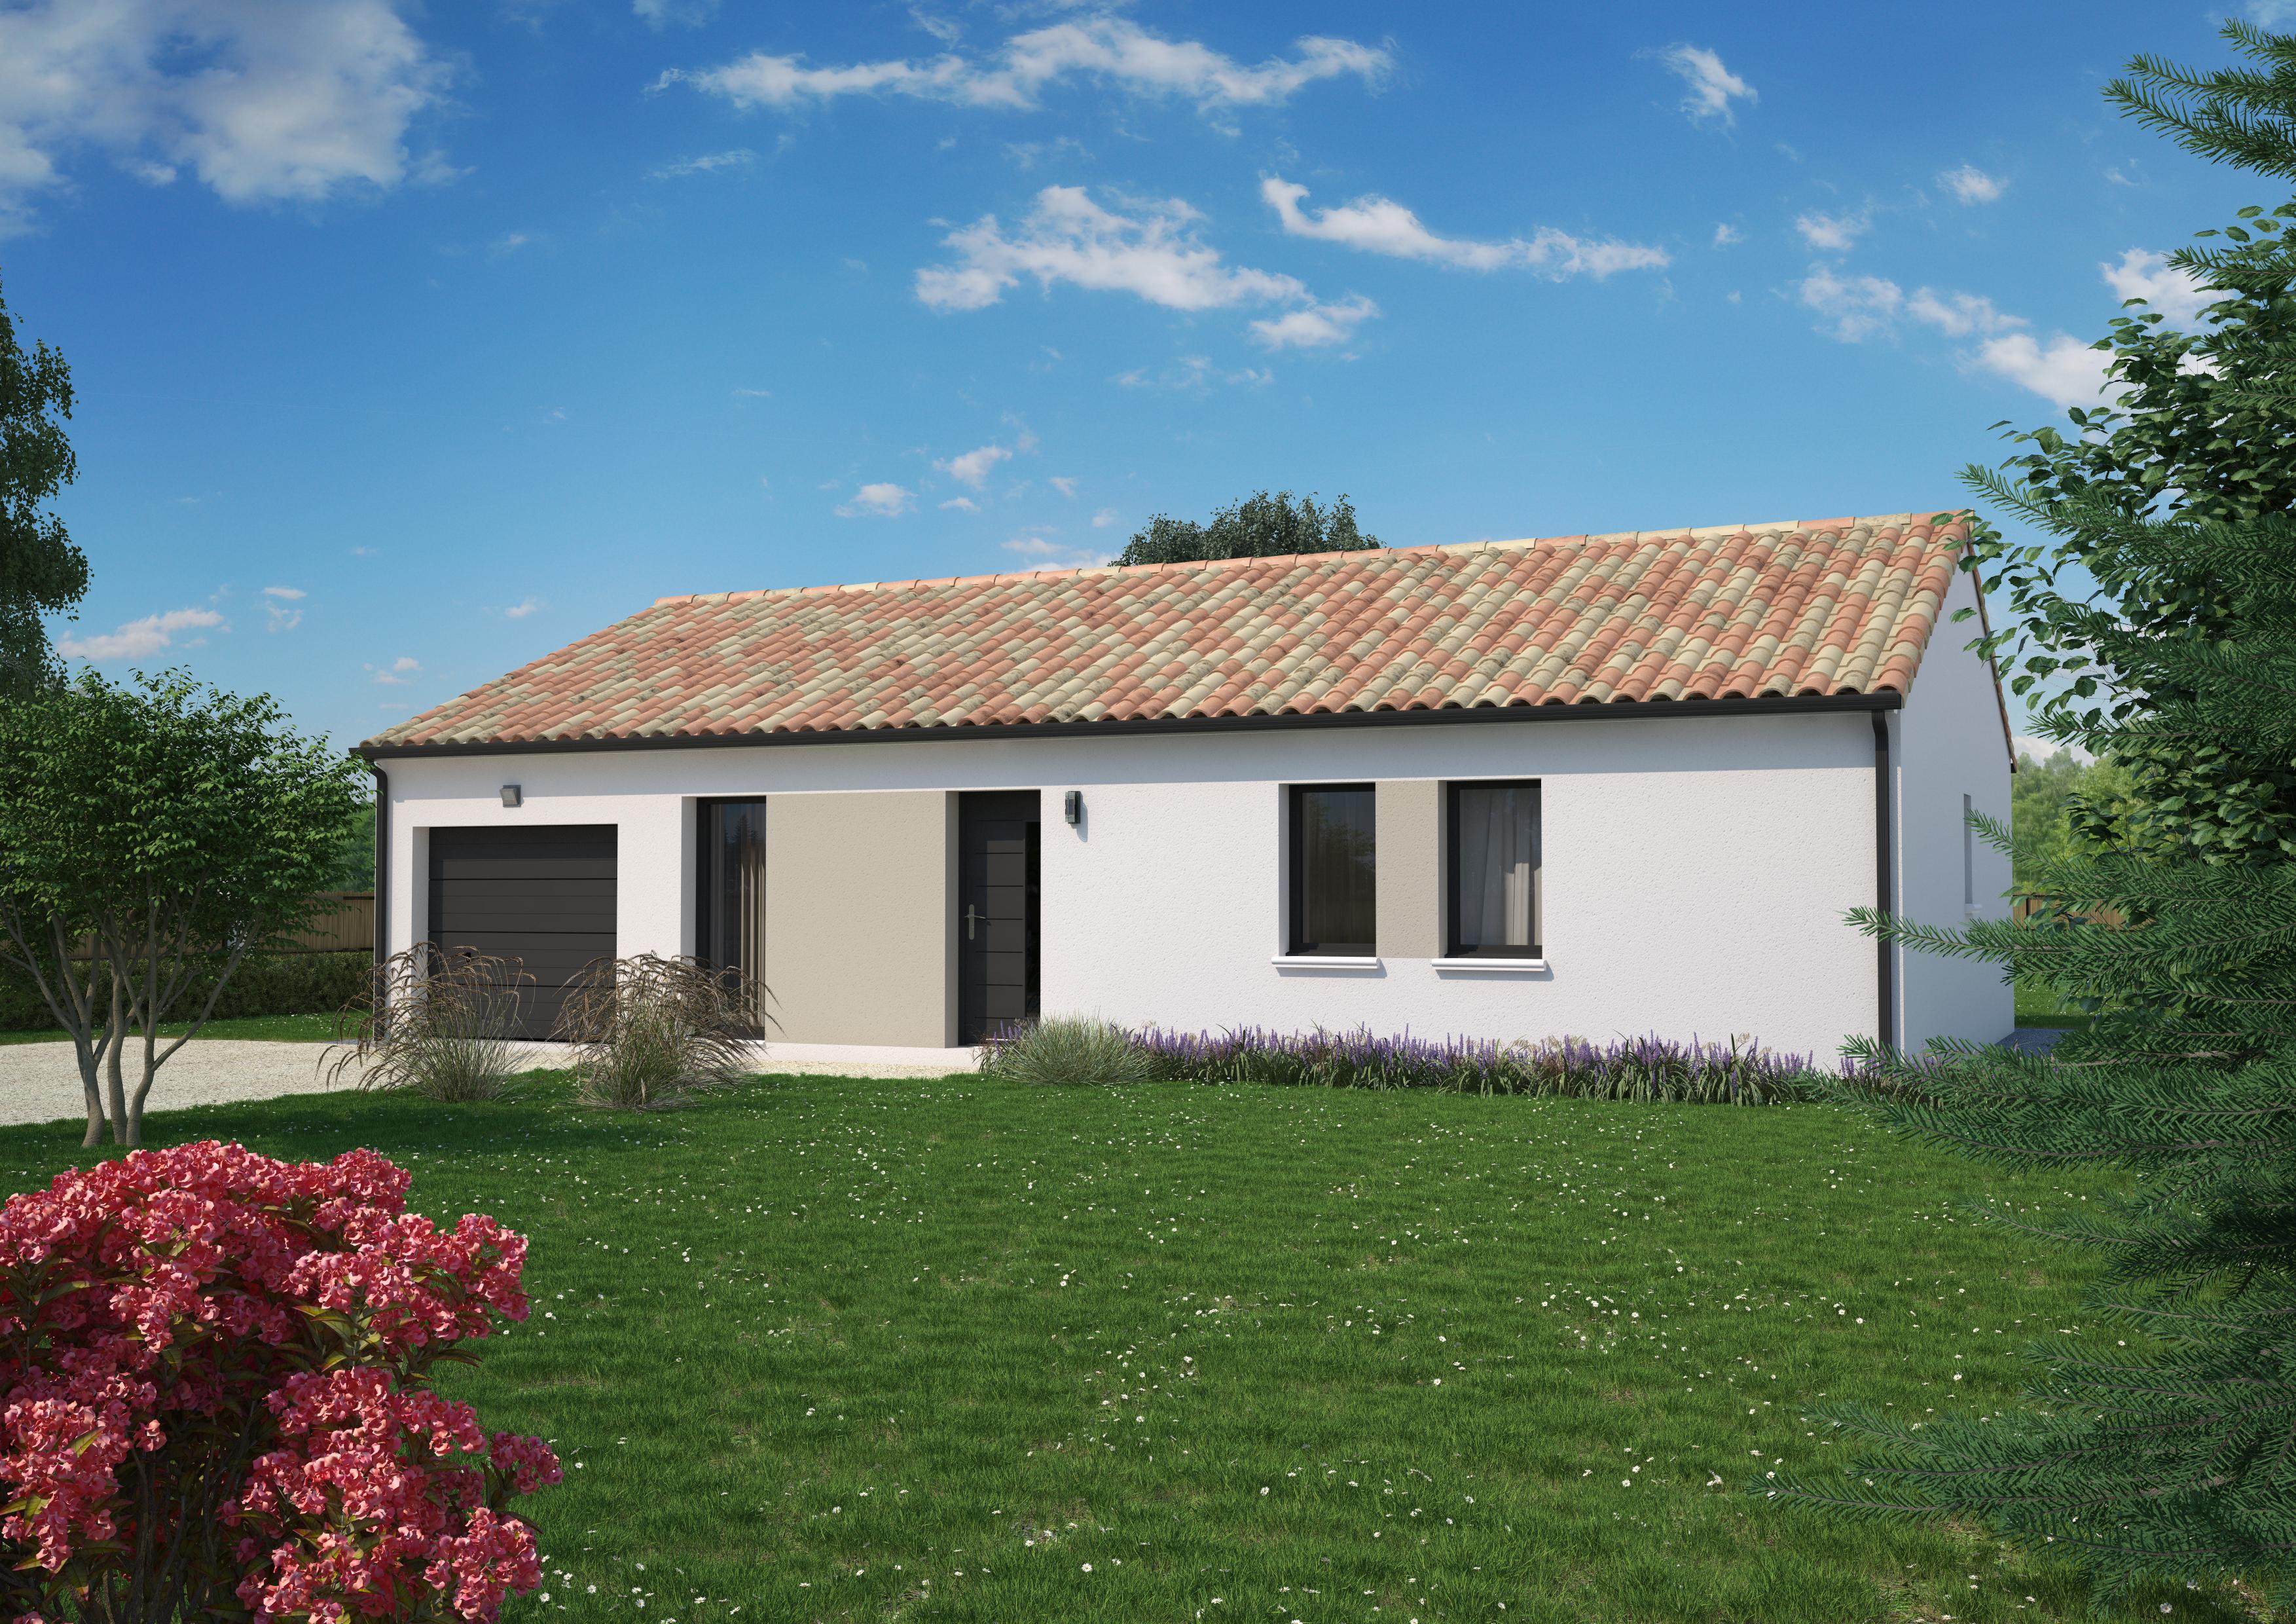 Maison à vendre à Chaudron-en-Mauges